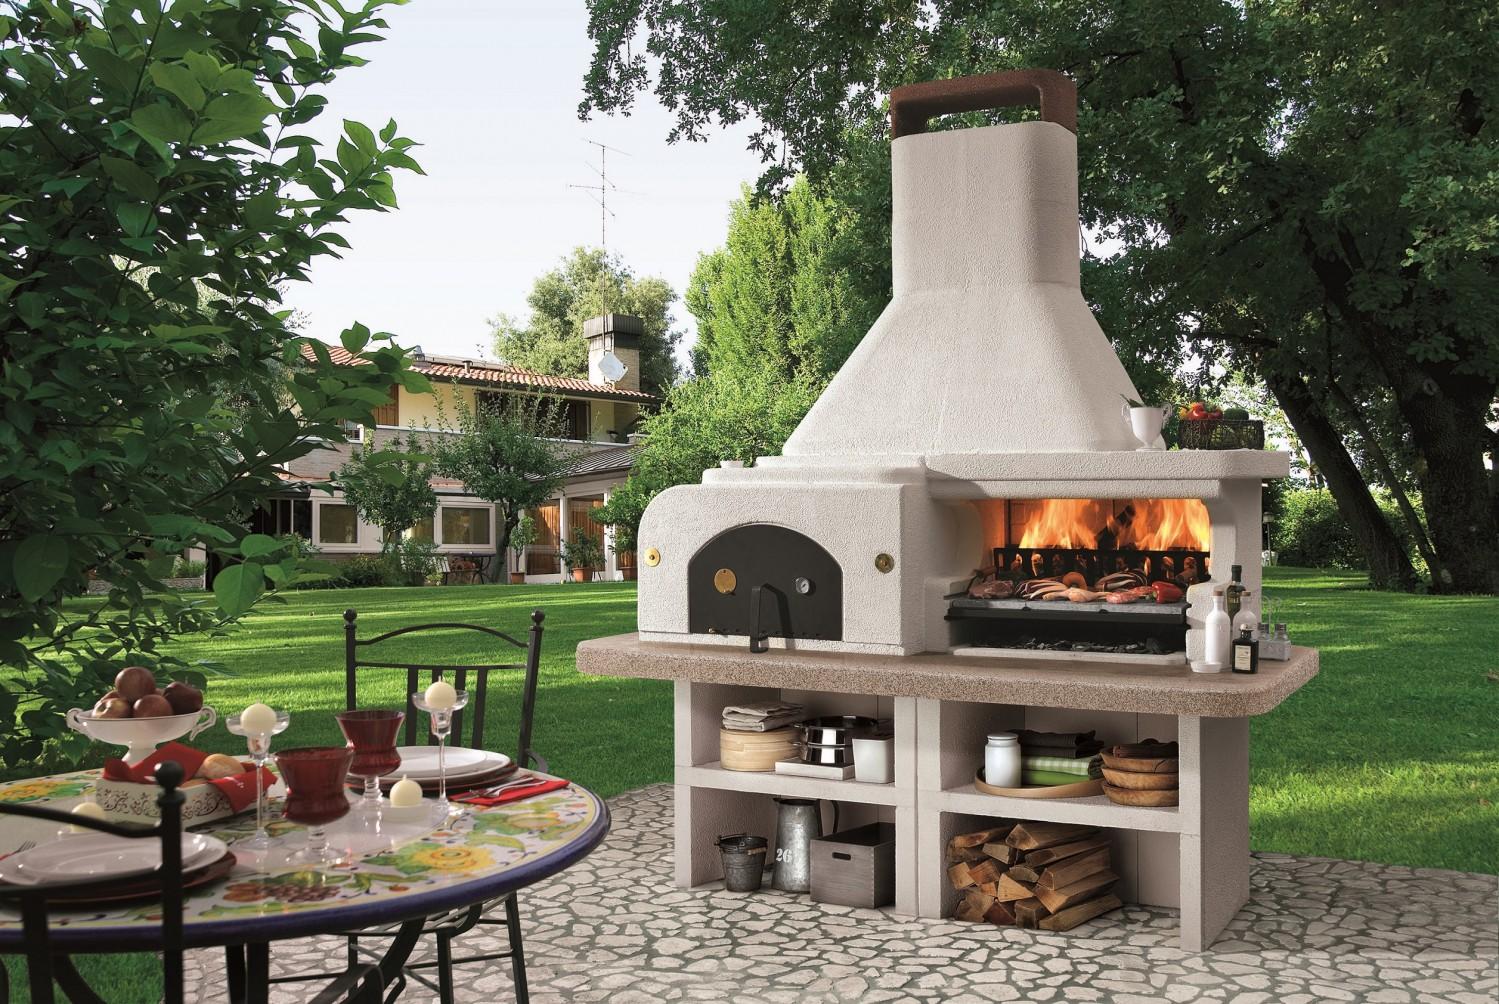 Palazzetti gargano 3 grillkamin der gartenkamin mit pizzaofen for Grill cheminee selber bauen